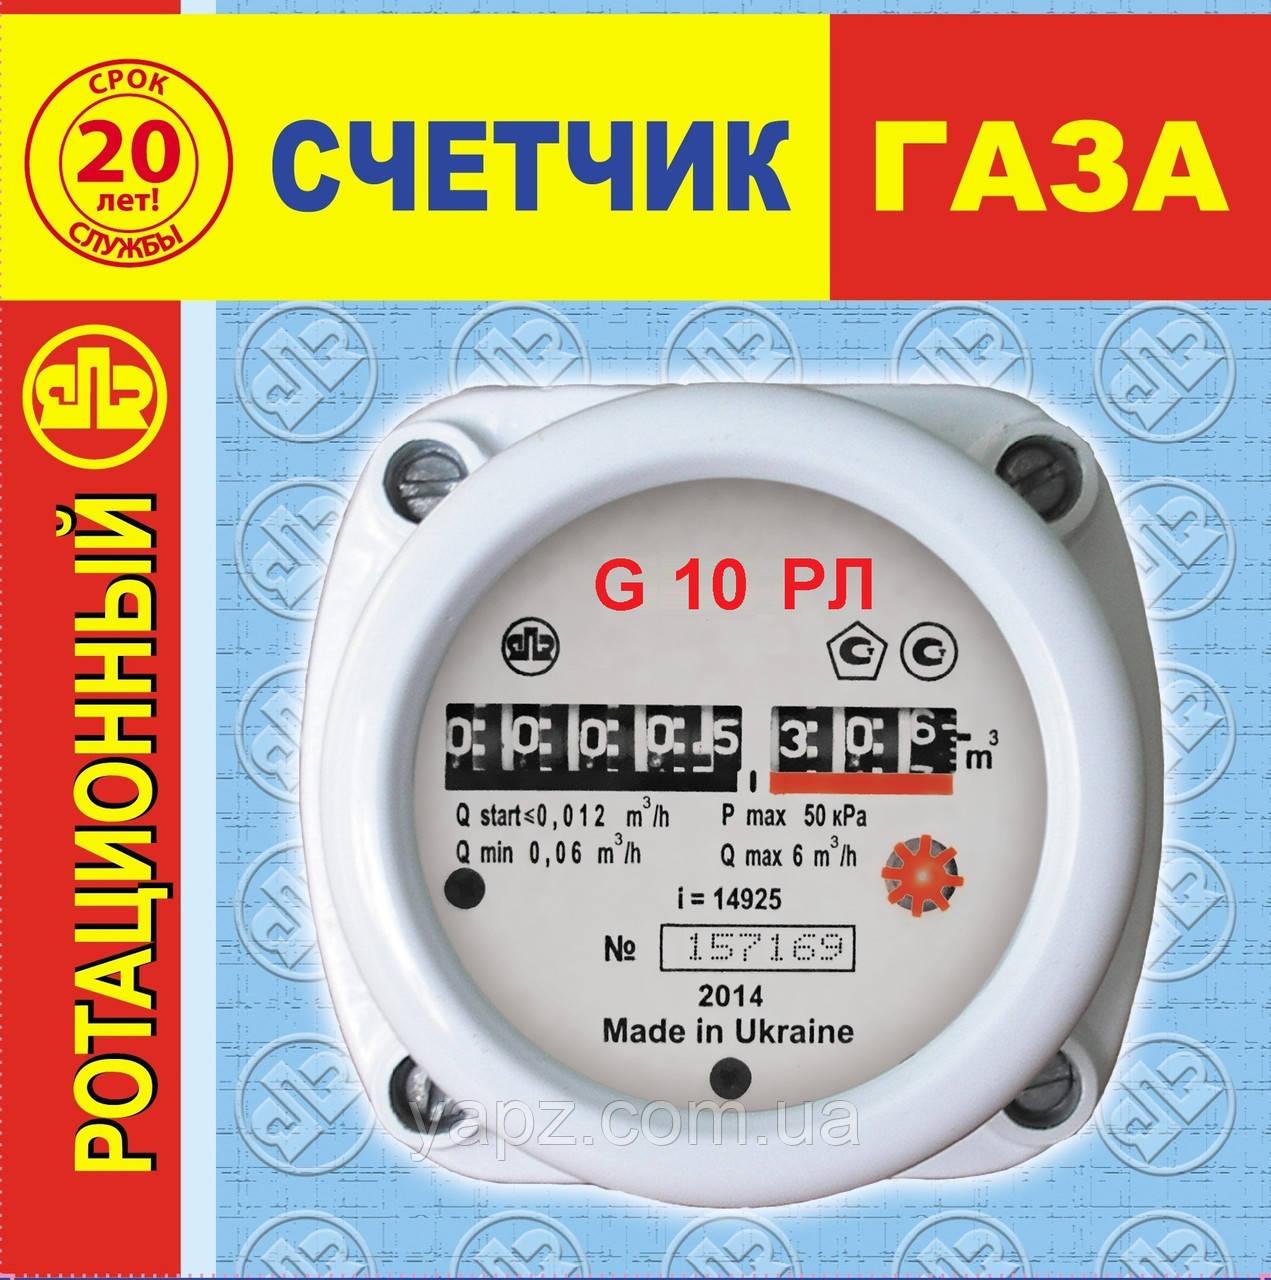 Счетчик газа роторный G10 РЛ